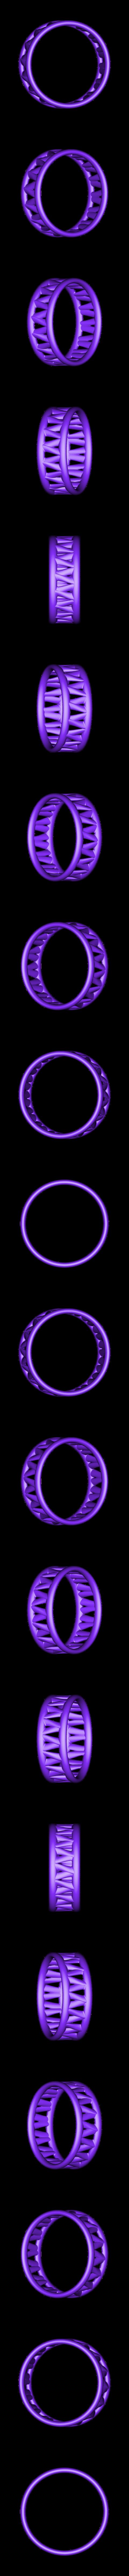 PI-Bracelet-ring_3.2D.stl Télécharger fichier STL gratuit Bracelet Palmiga - Collection Bague • Plan imprimable en 3D, Palmiga